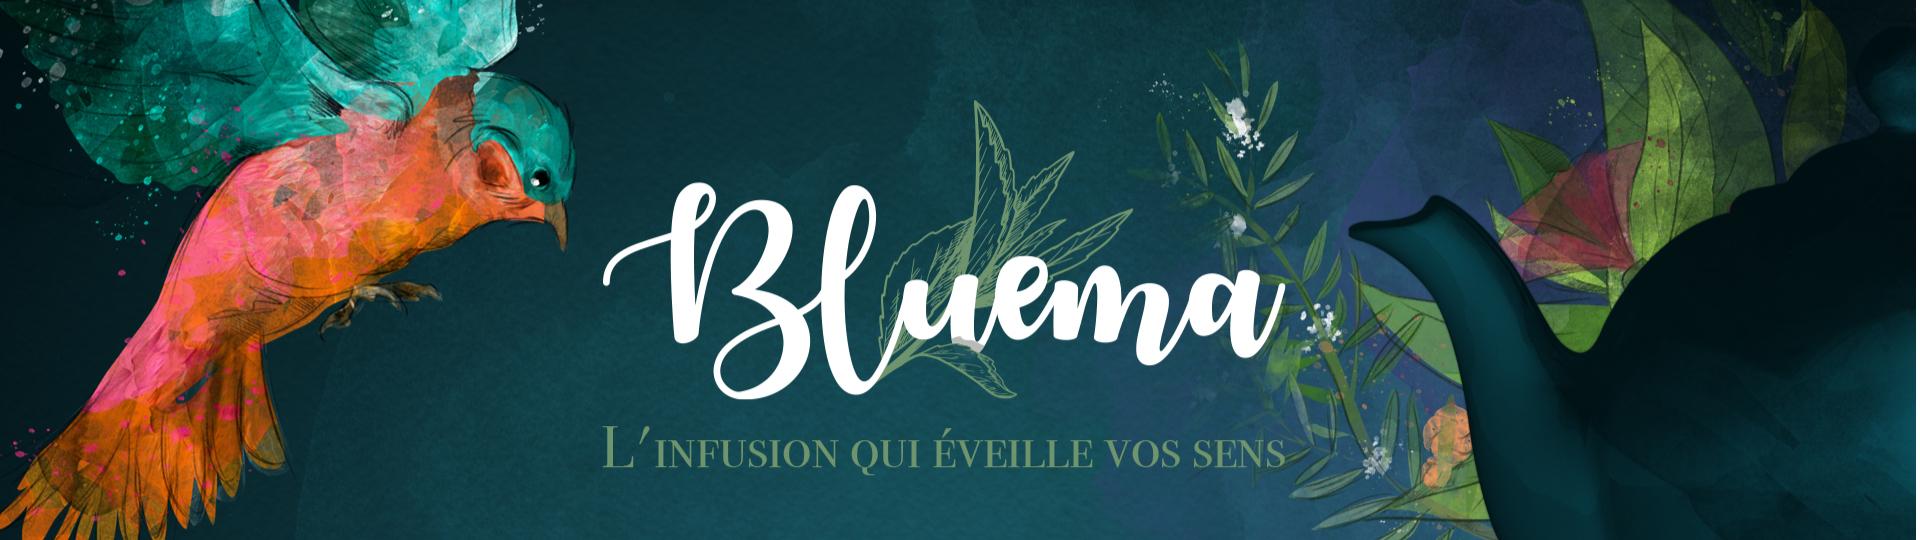 bandeau_bluema